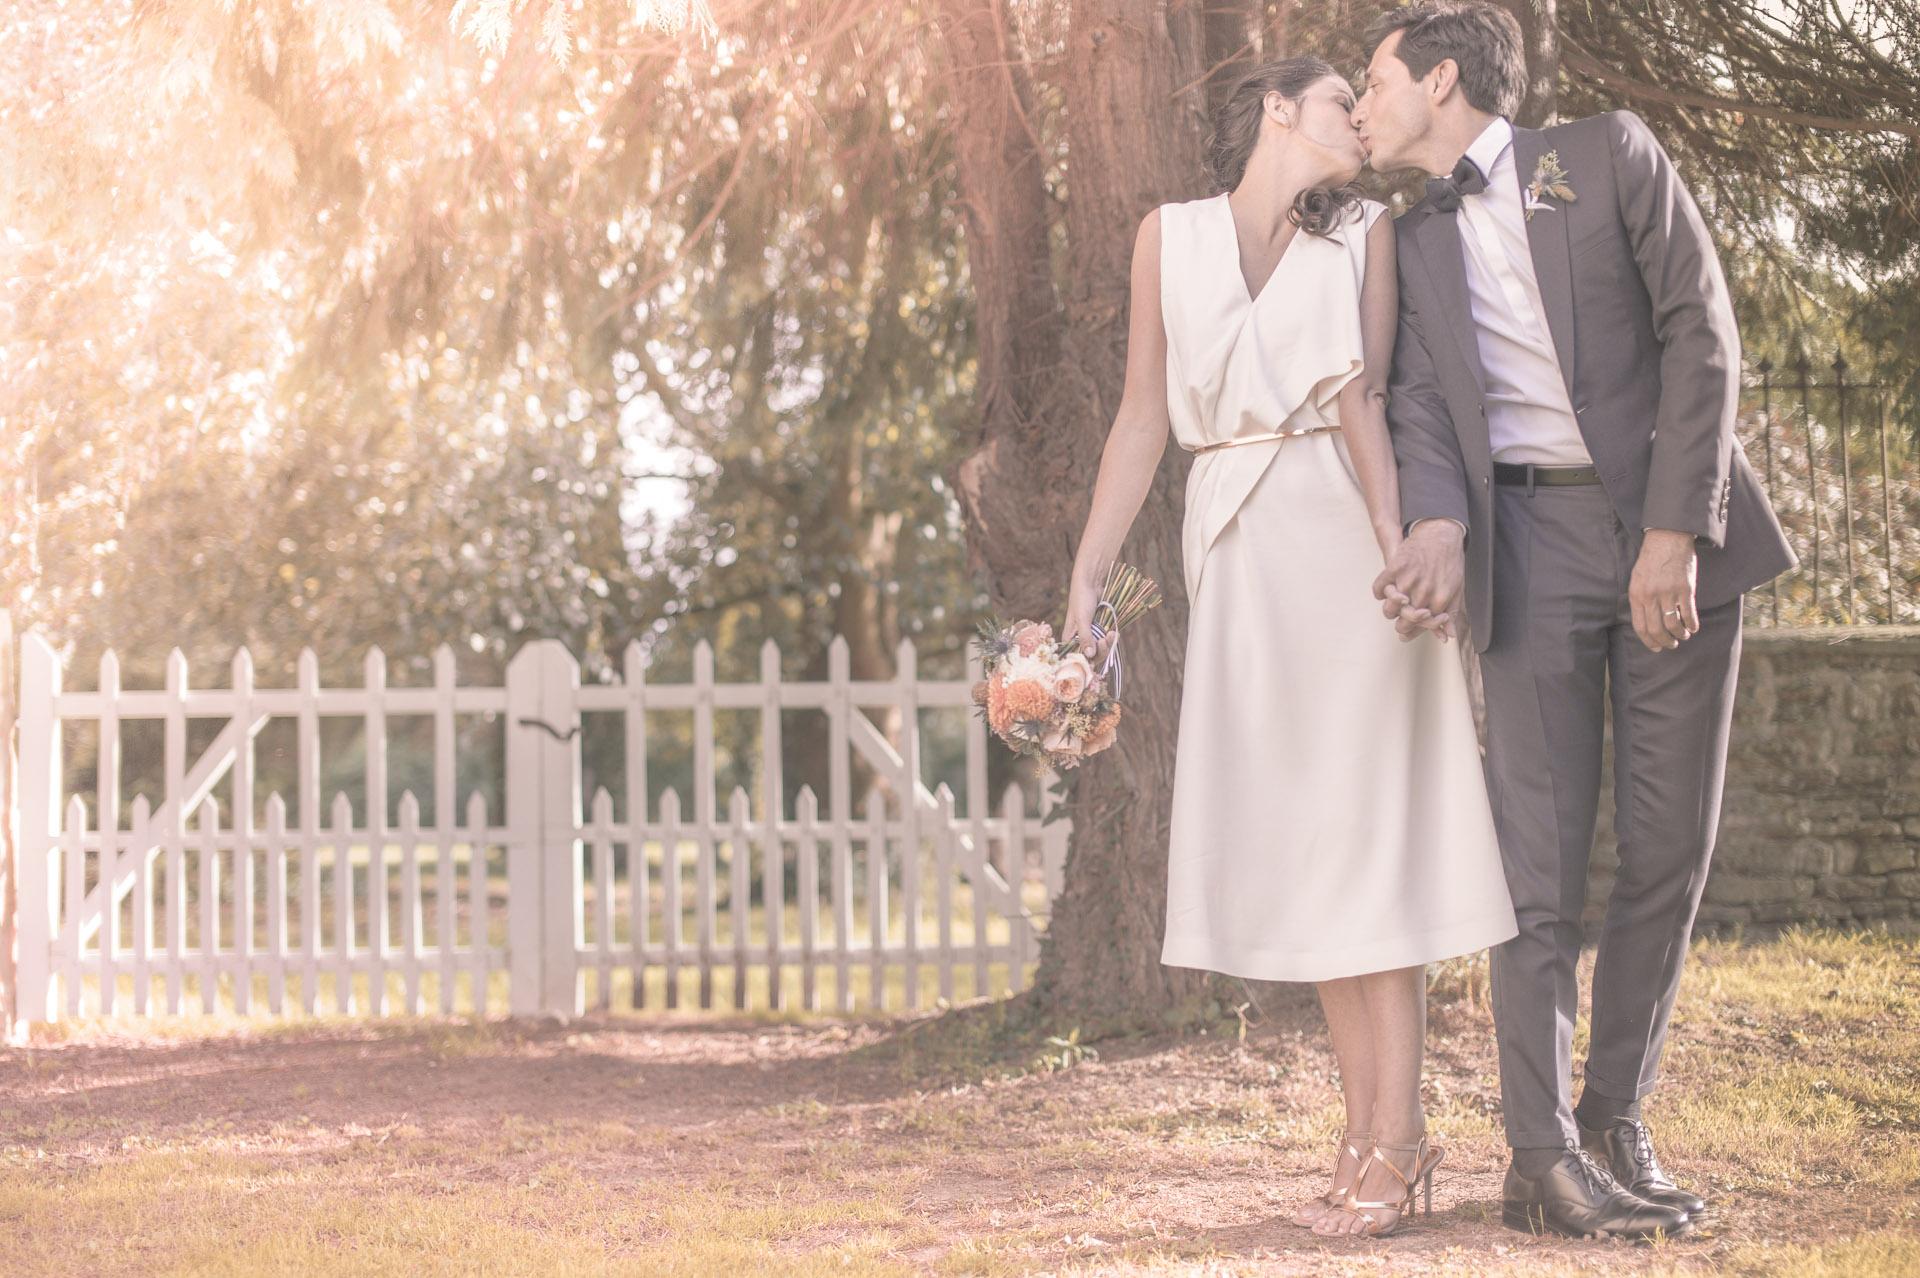 Mariage champêtre chic - Mariage bleu et doré - Mariage au manoir de Chivré - Mariage à Deauville - Mariage chic - Les crâneuses - Wedding planner - Wedding designer